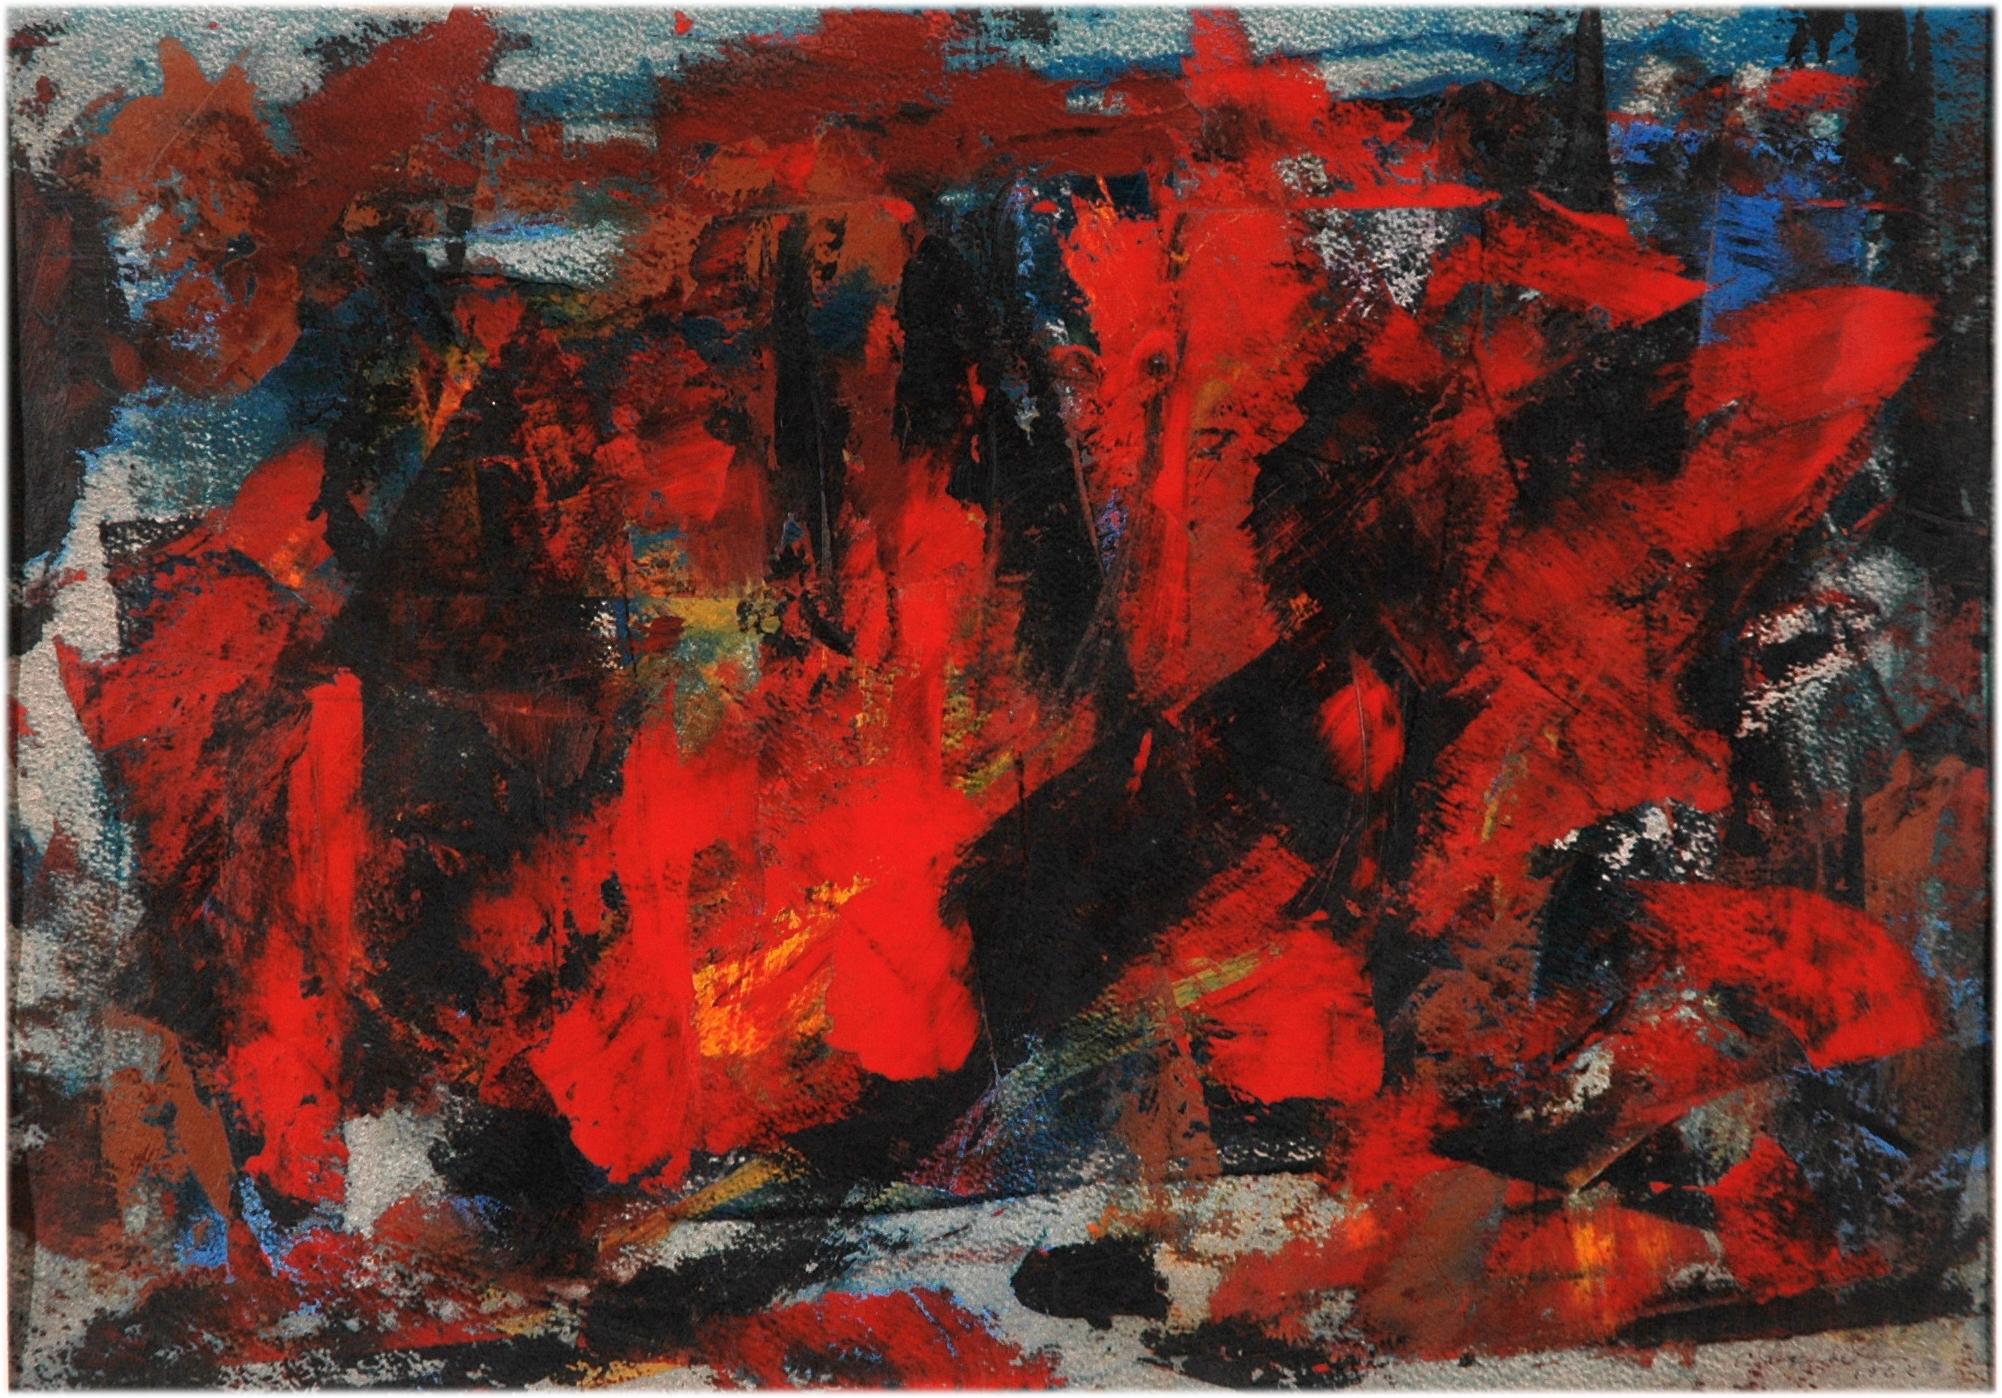 Charles Daudelin Galerie Michel Bigue